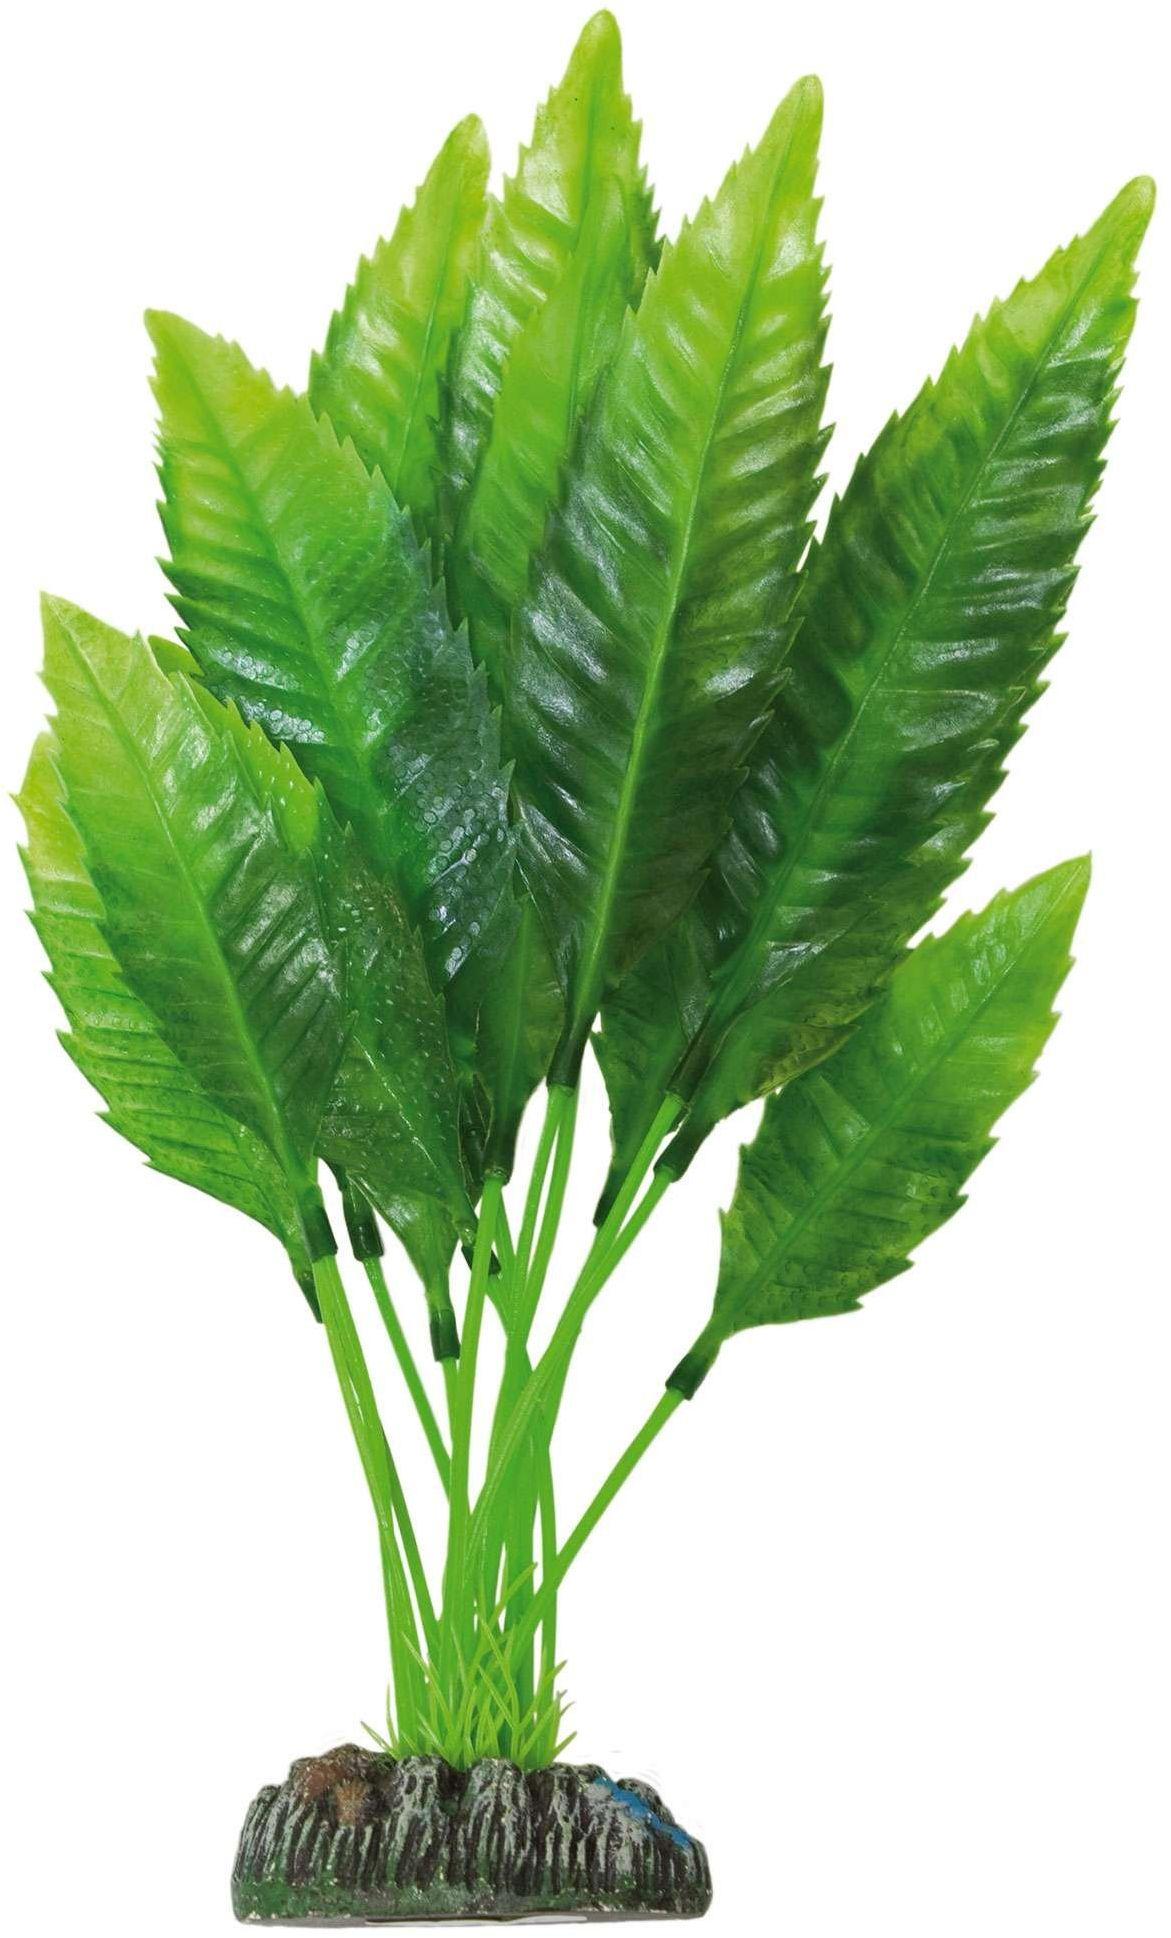 ICA AP1030 Spathiphyllum od roślin wodnych, tworzywo sztuczne